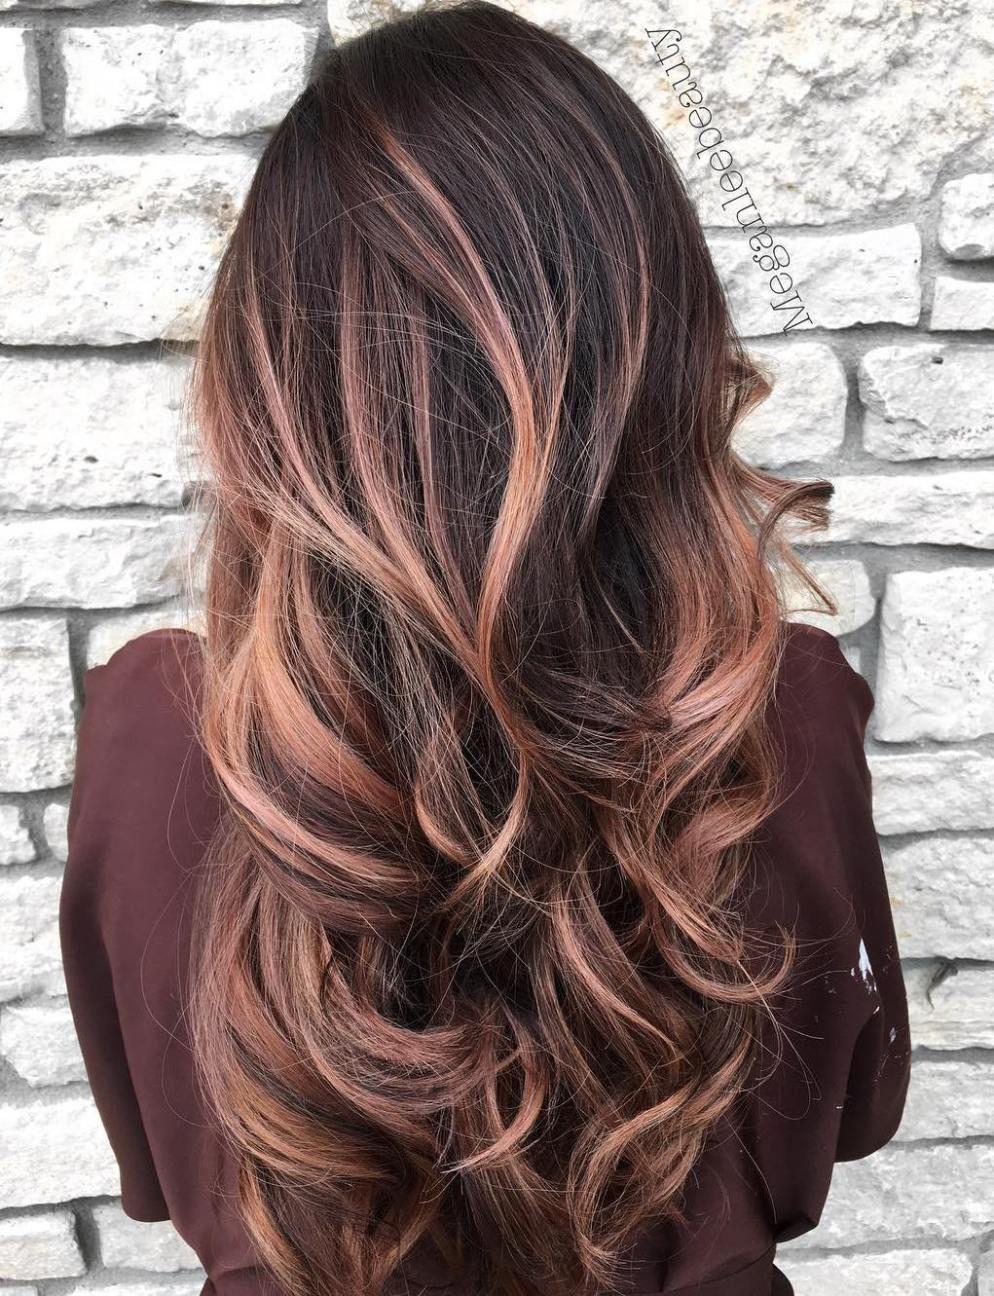 18 hair Fall ideas